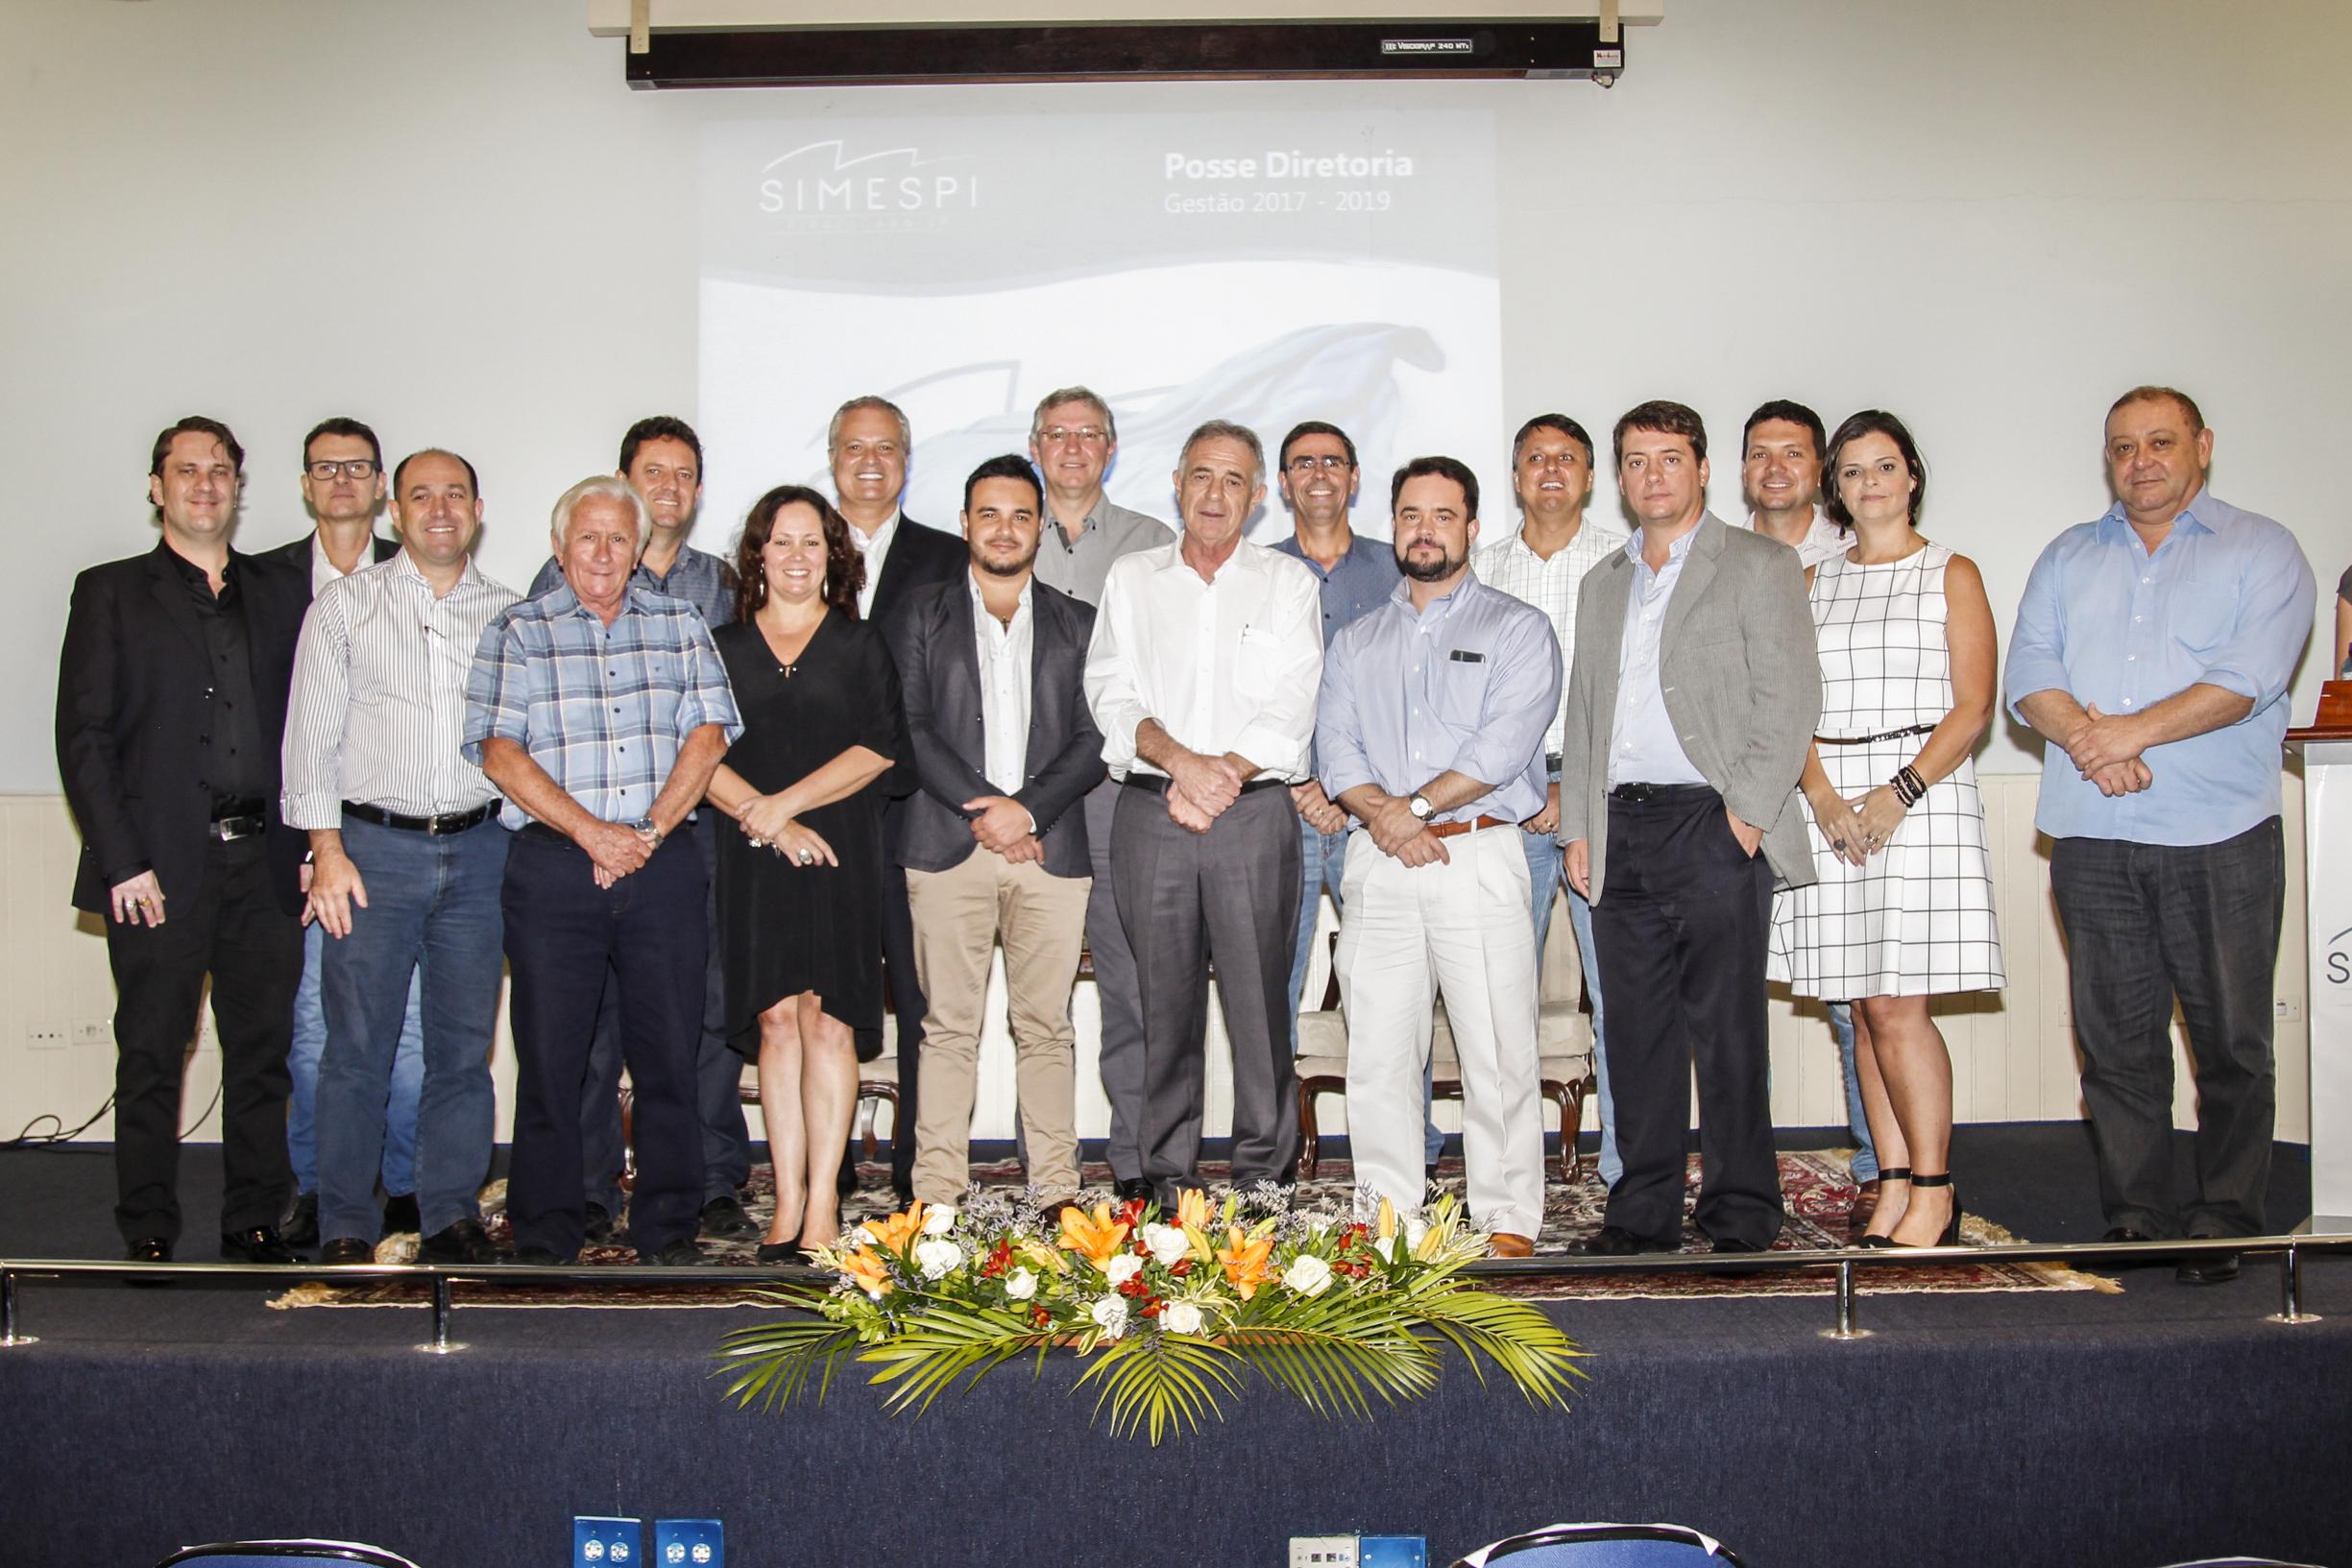 Nova diretoria do Simespi toma posse  para gestão 2017-2019